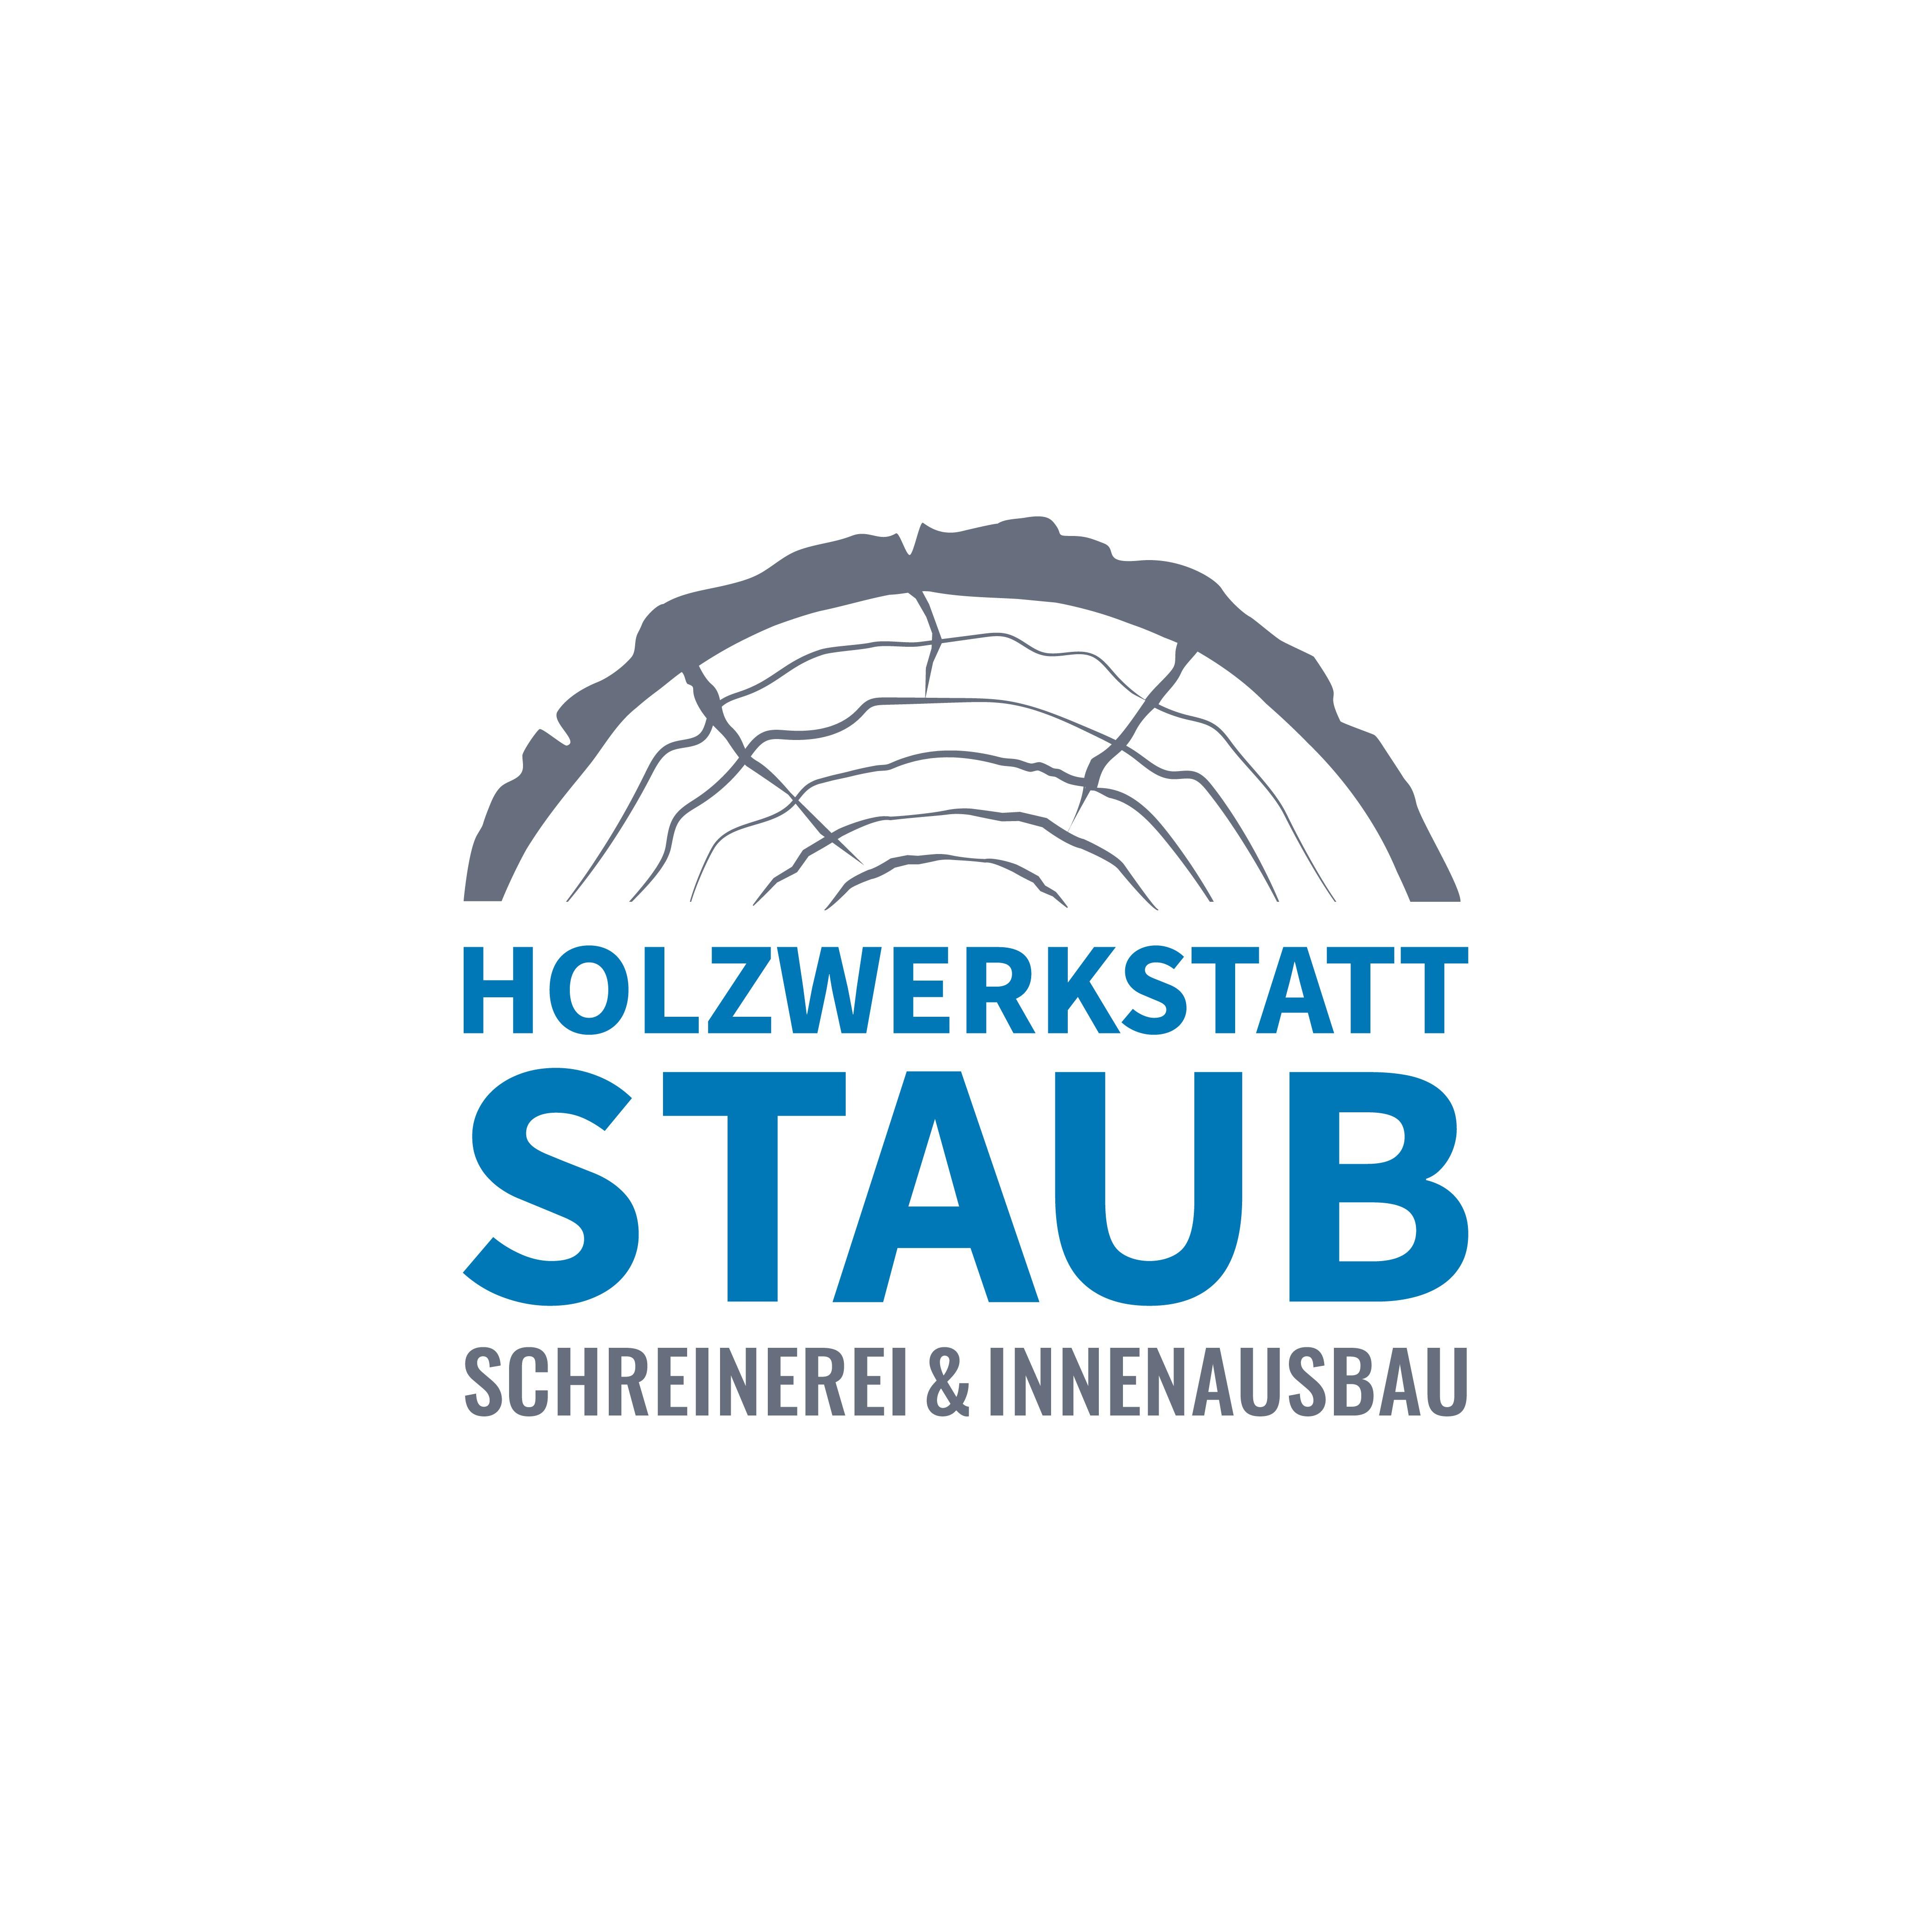 atraktives Firmenlogo für qualitative Schreiner- und Holzarbeiten